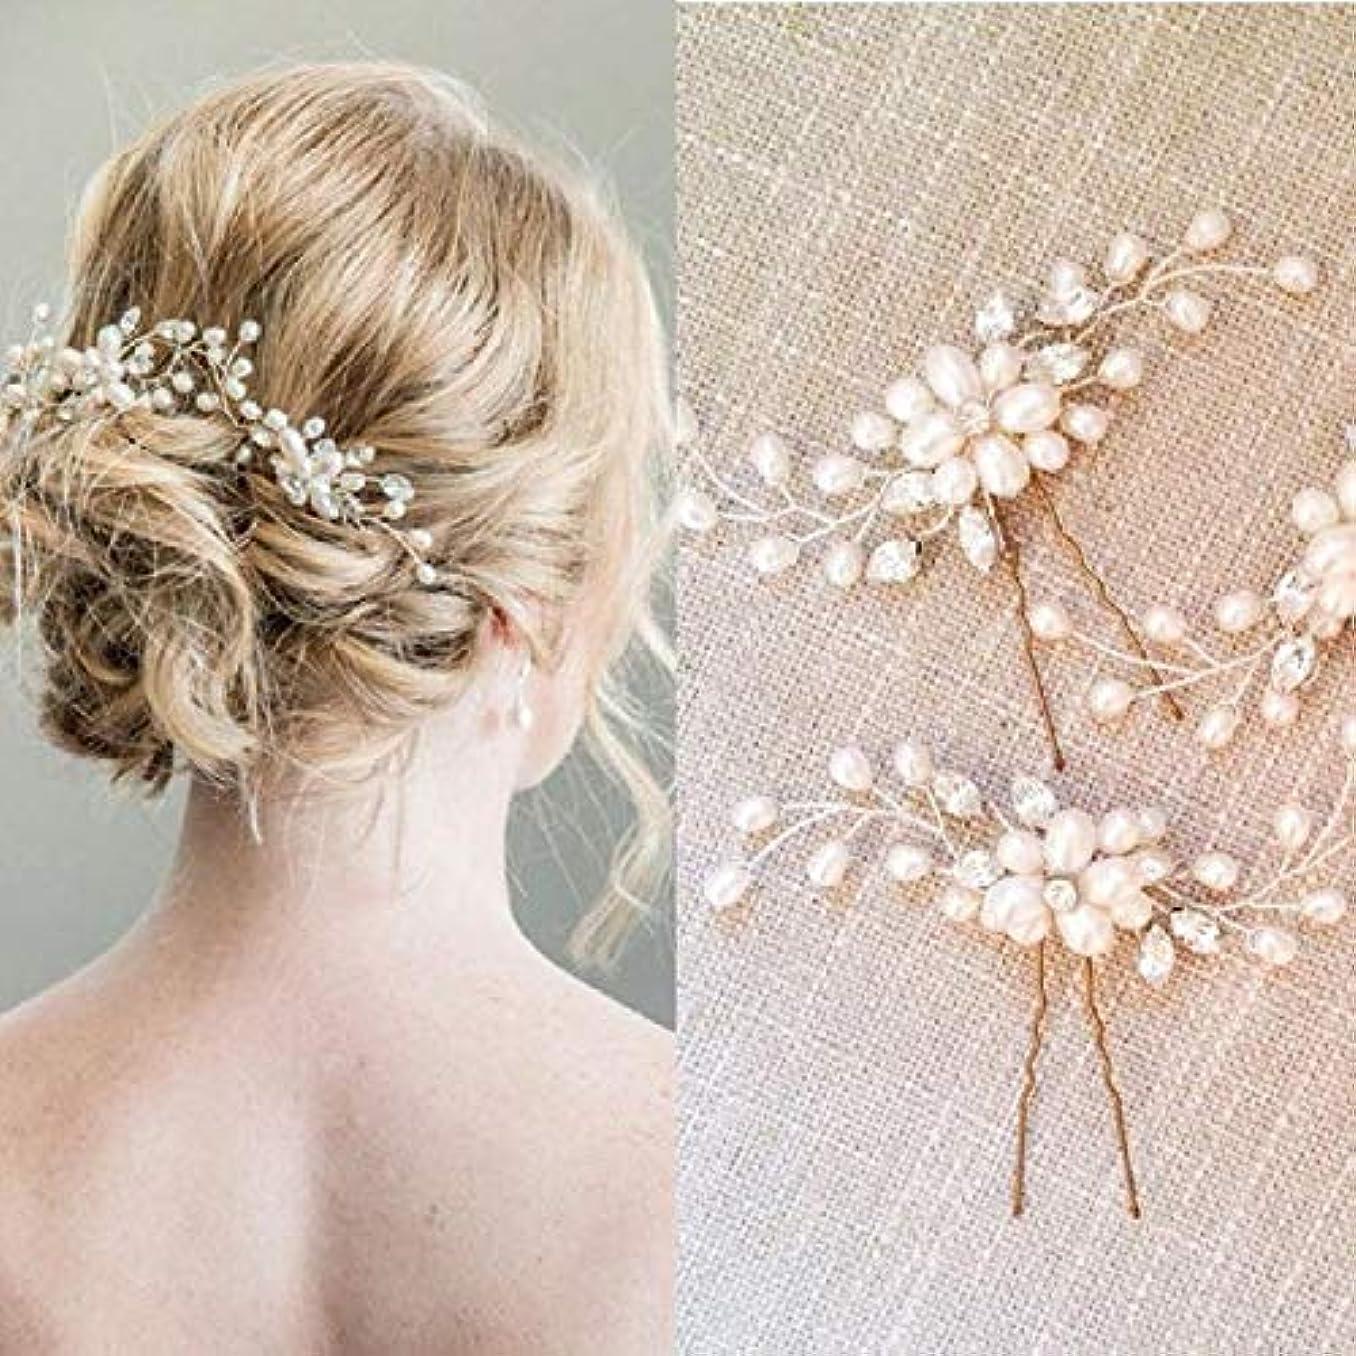 後継知り合いチャーターHairpinheair YHM 2ピース祭り結婚式ヘアアクセサリーブライダルヘアスティック花ヘアピン美しいヘッドドレスひだヘアクリップつるアクセサリー